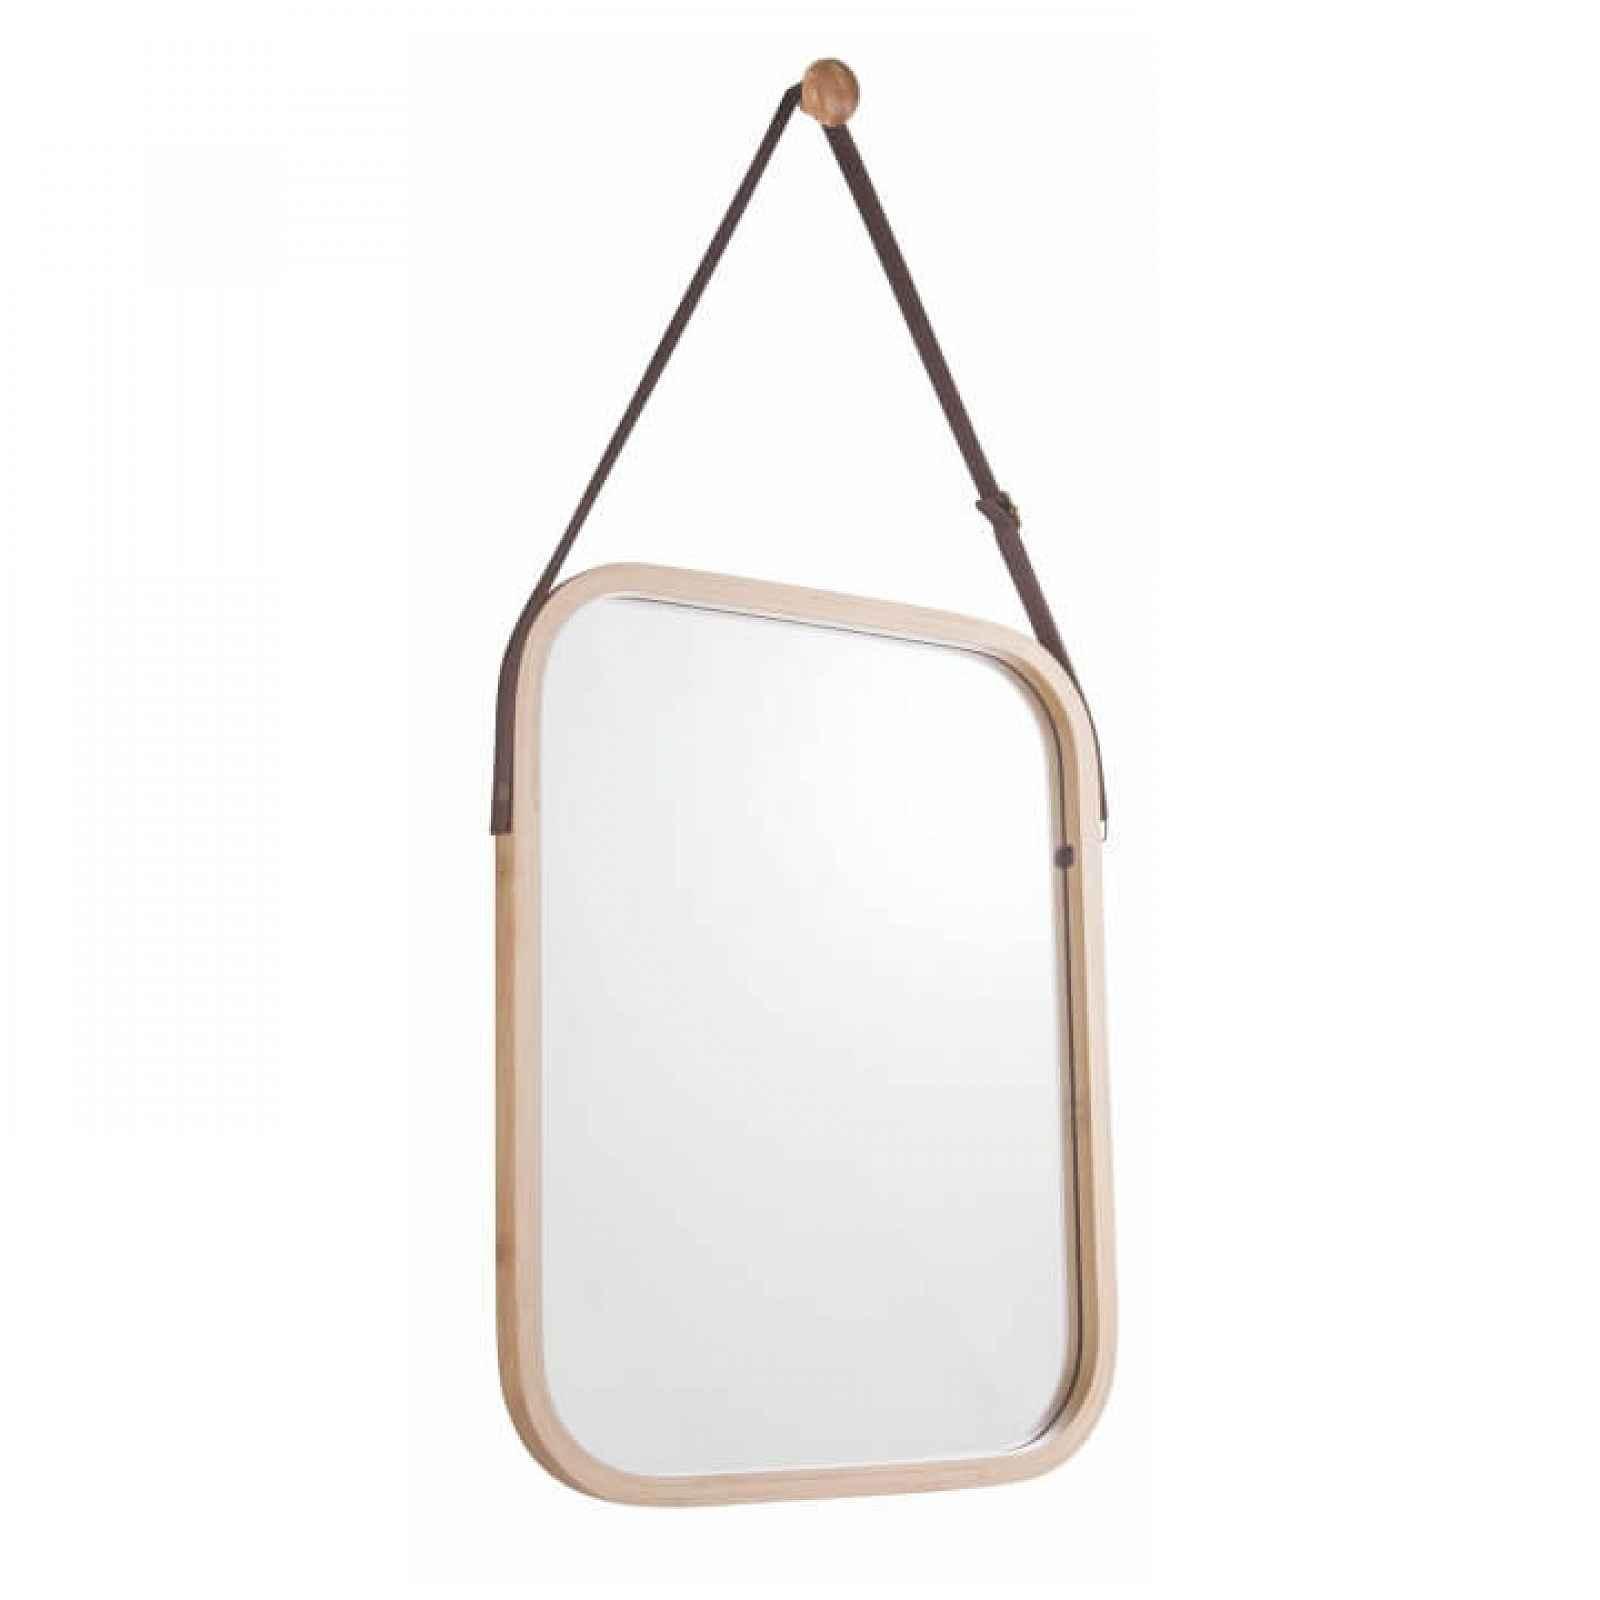 Závěsné zrcadlo LEMI 2 přírodní bambus Tempo Kondela